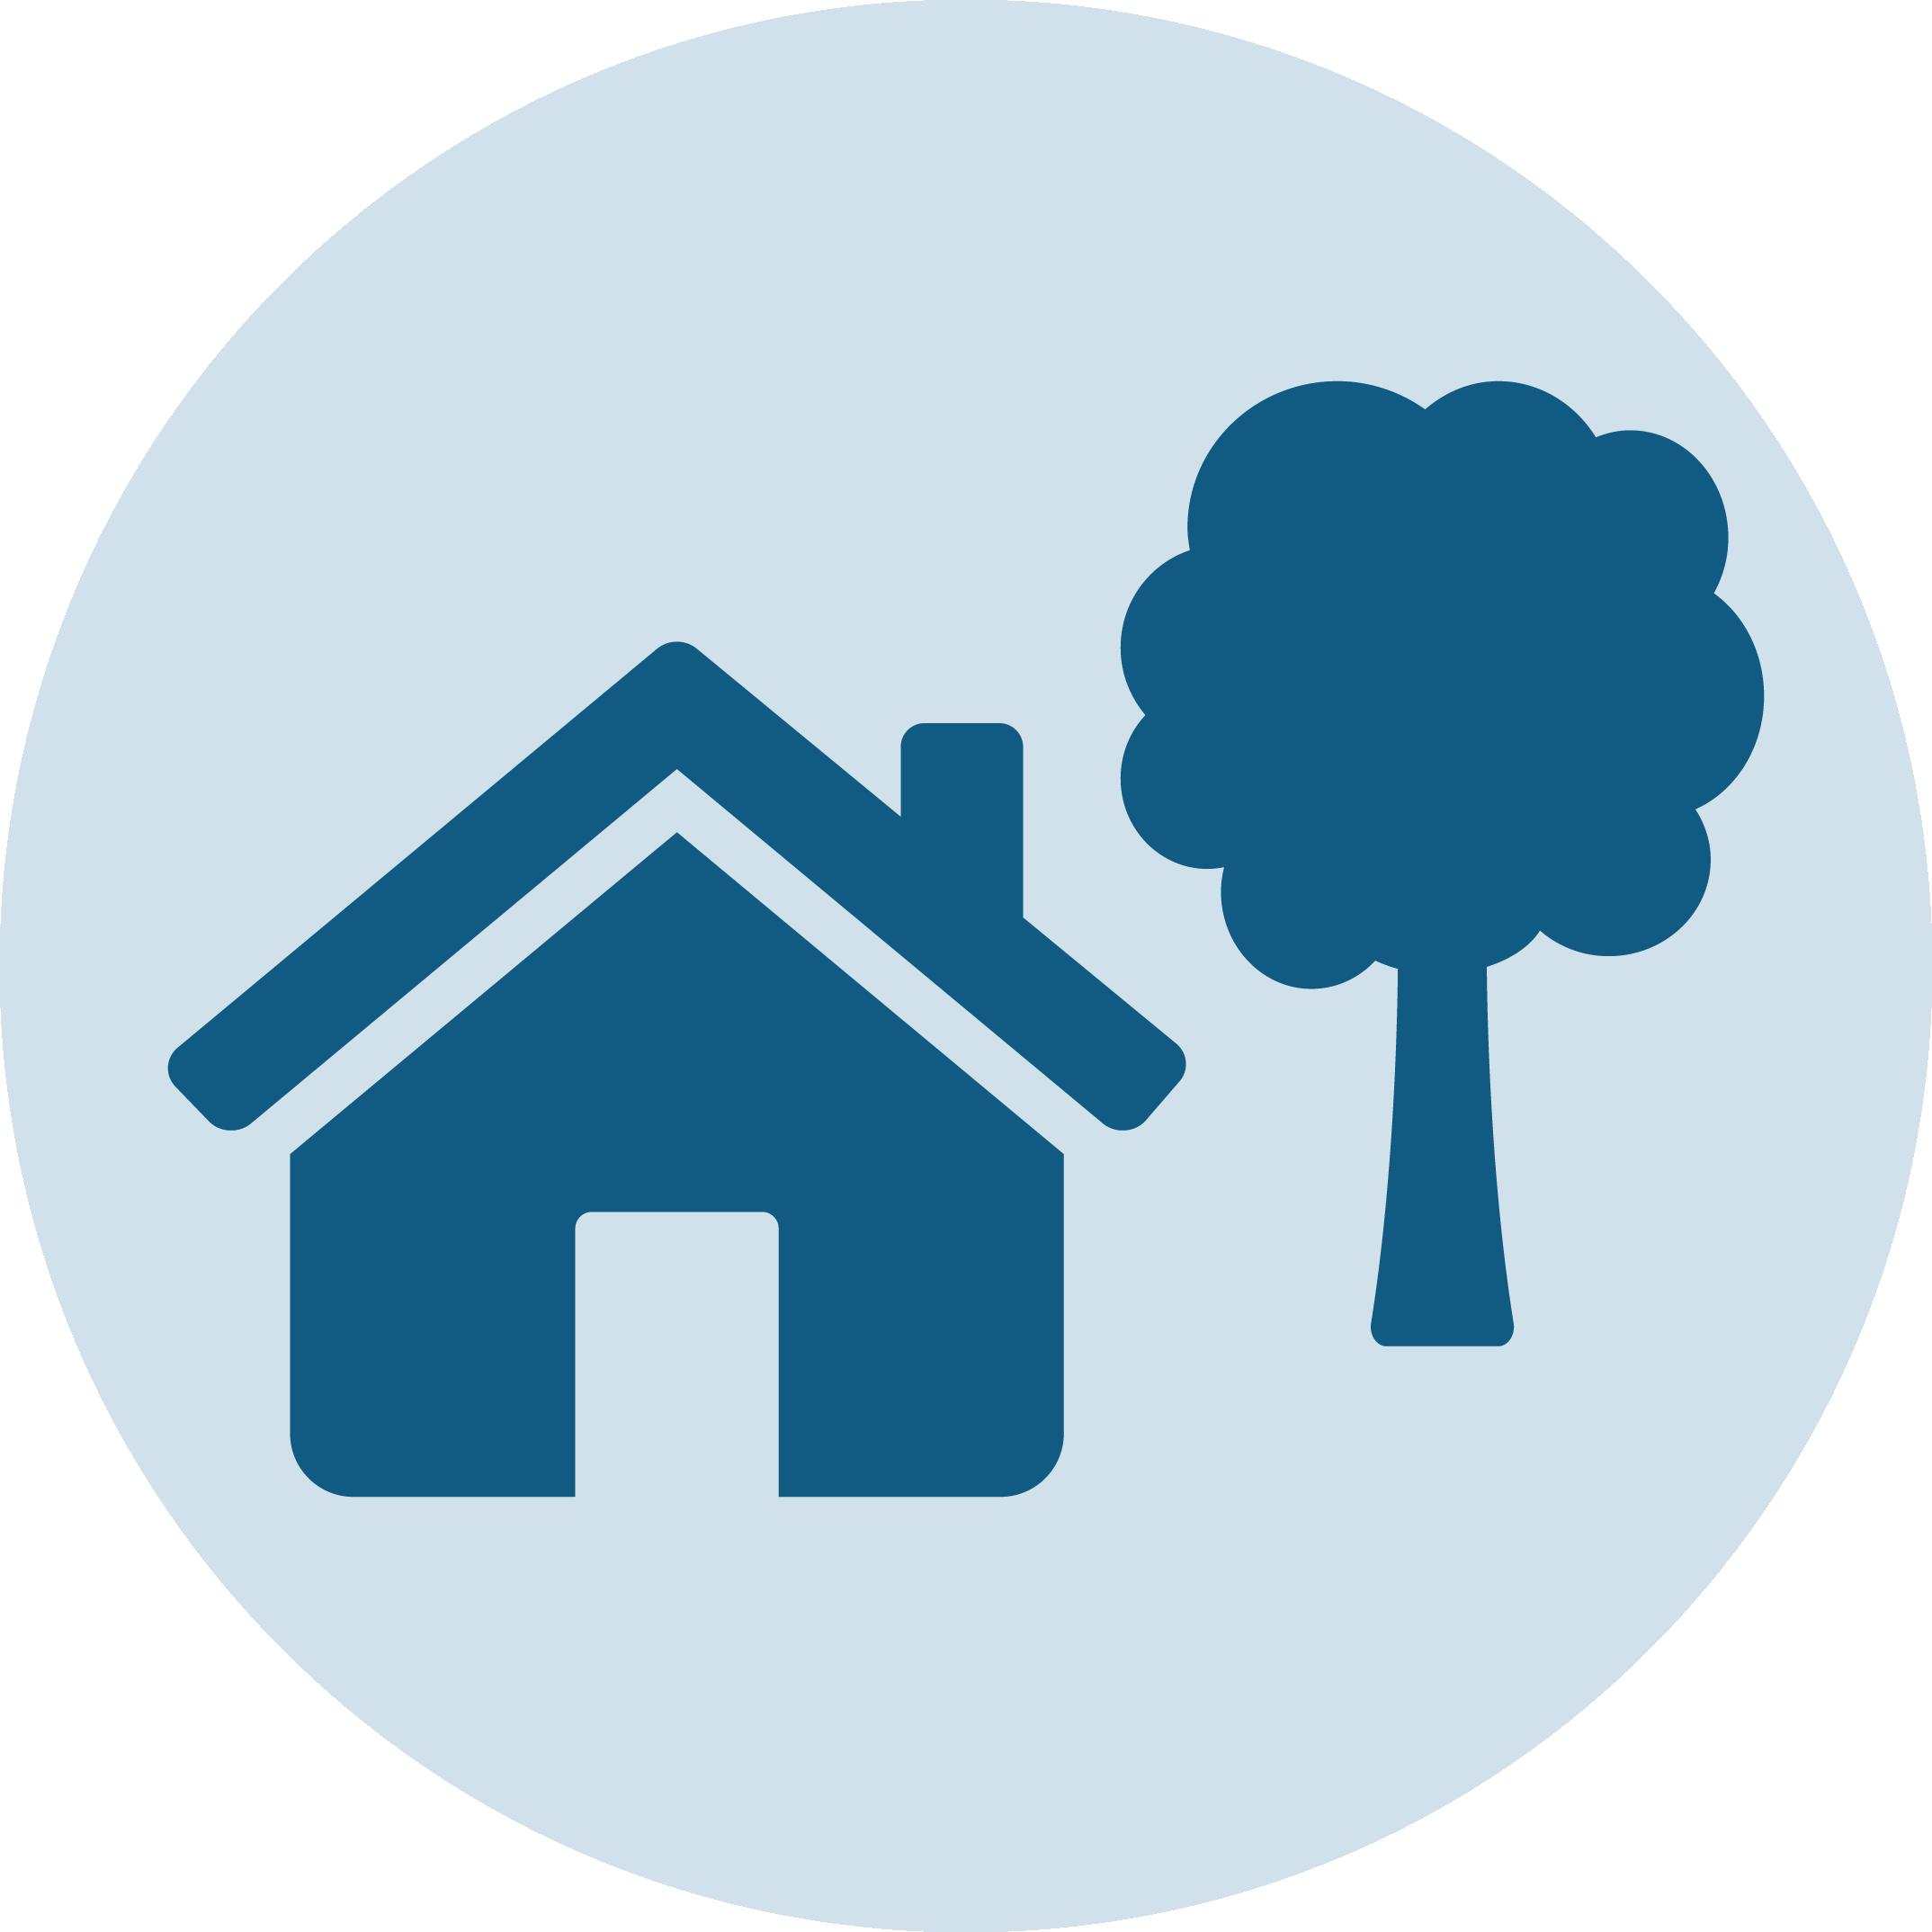 Angebot für Bürger in Grünwald